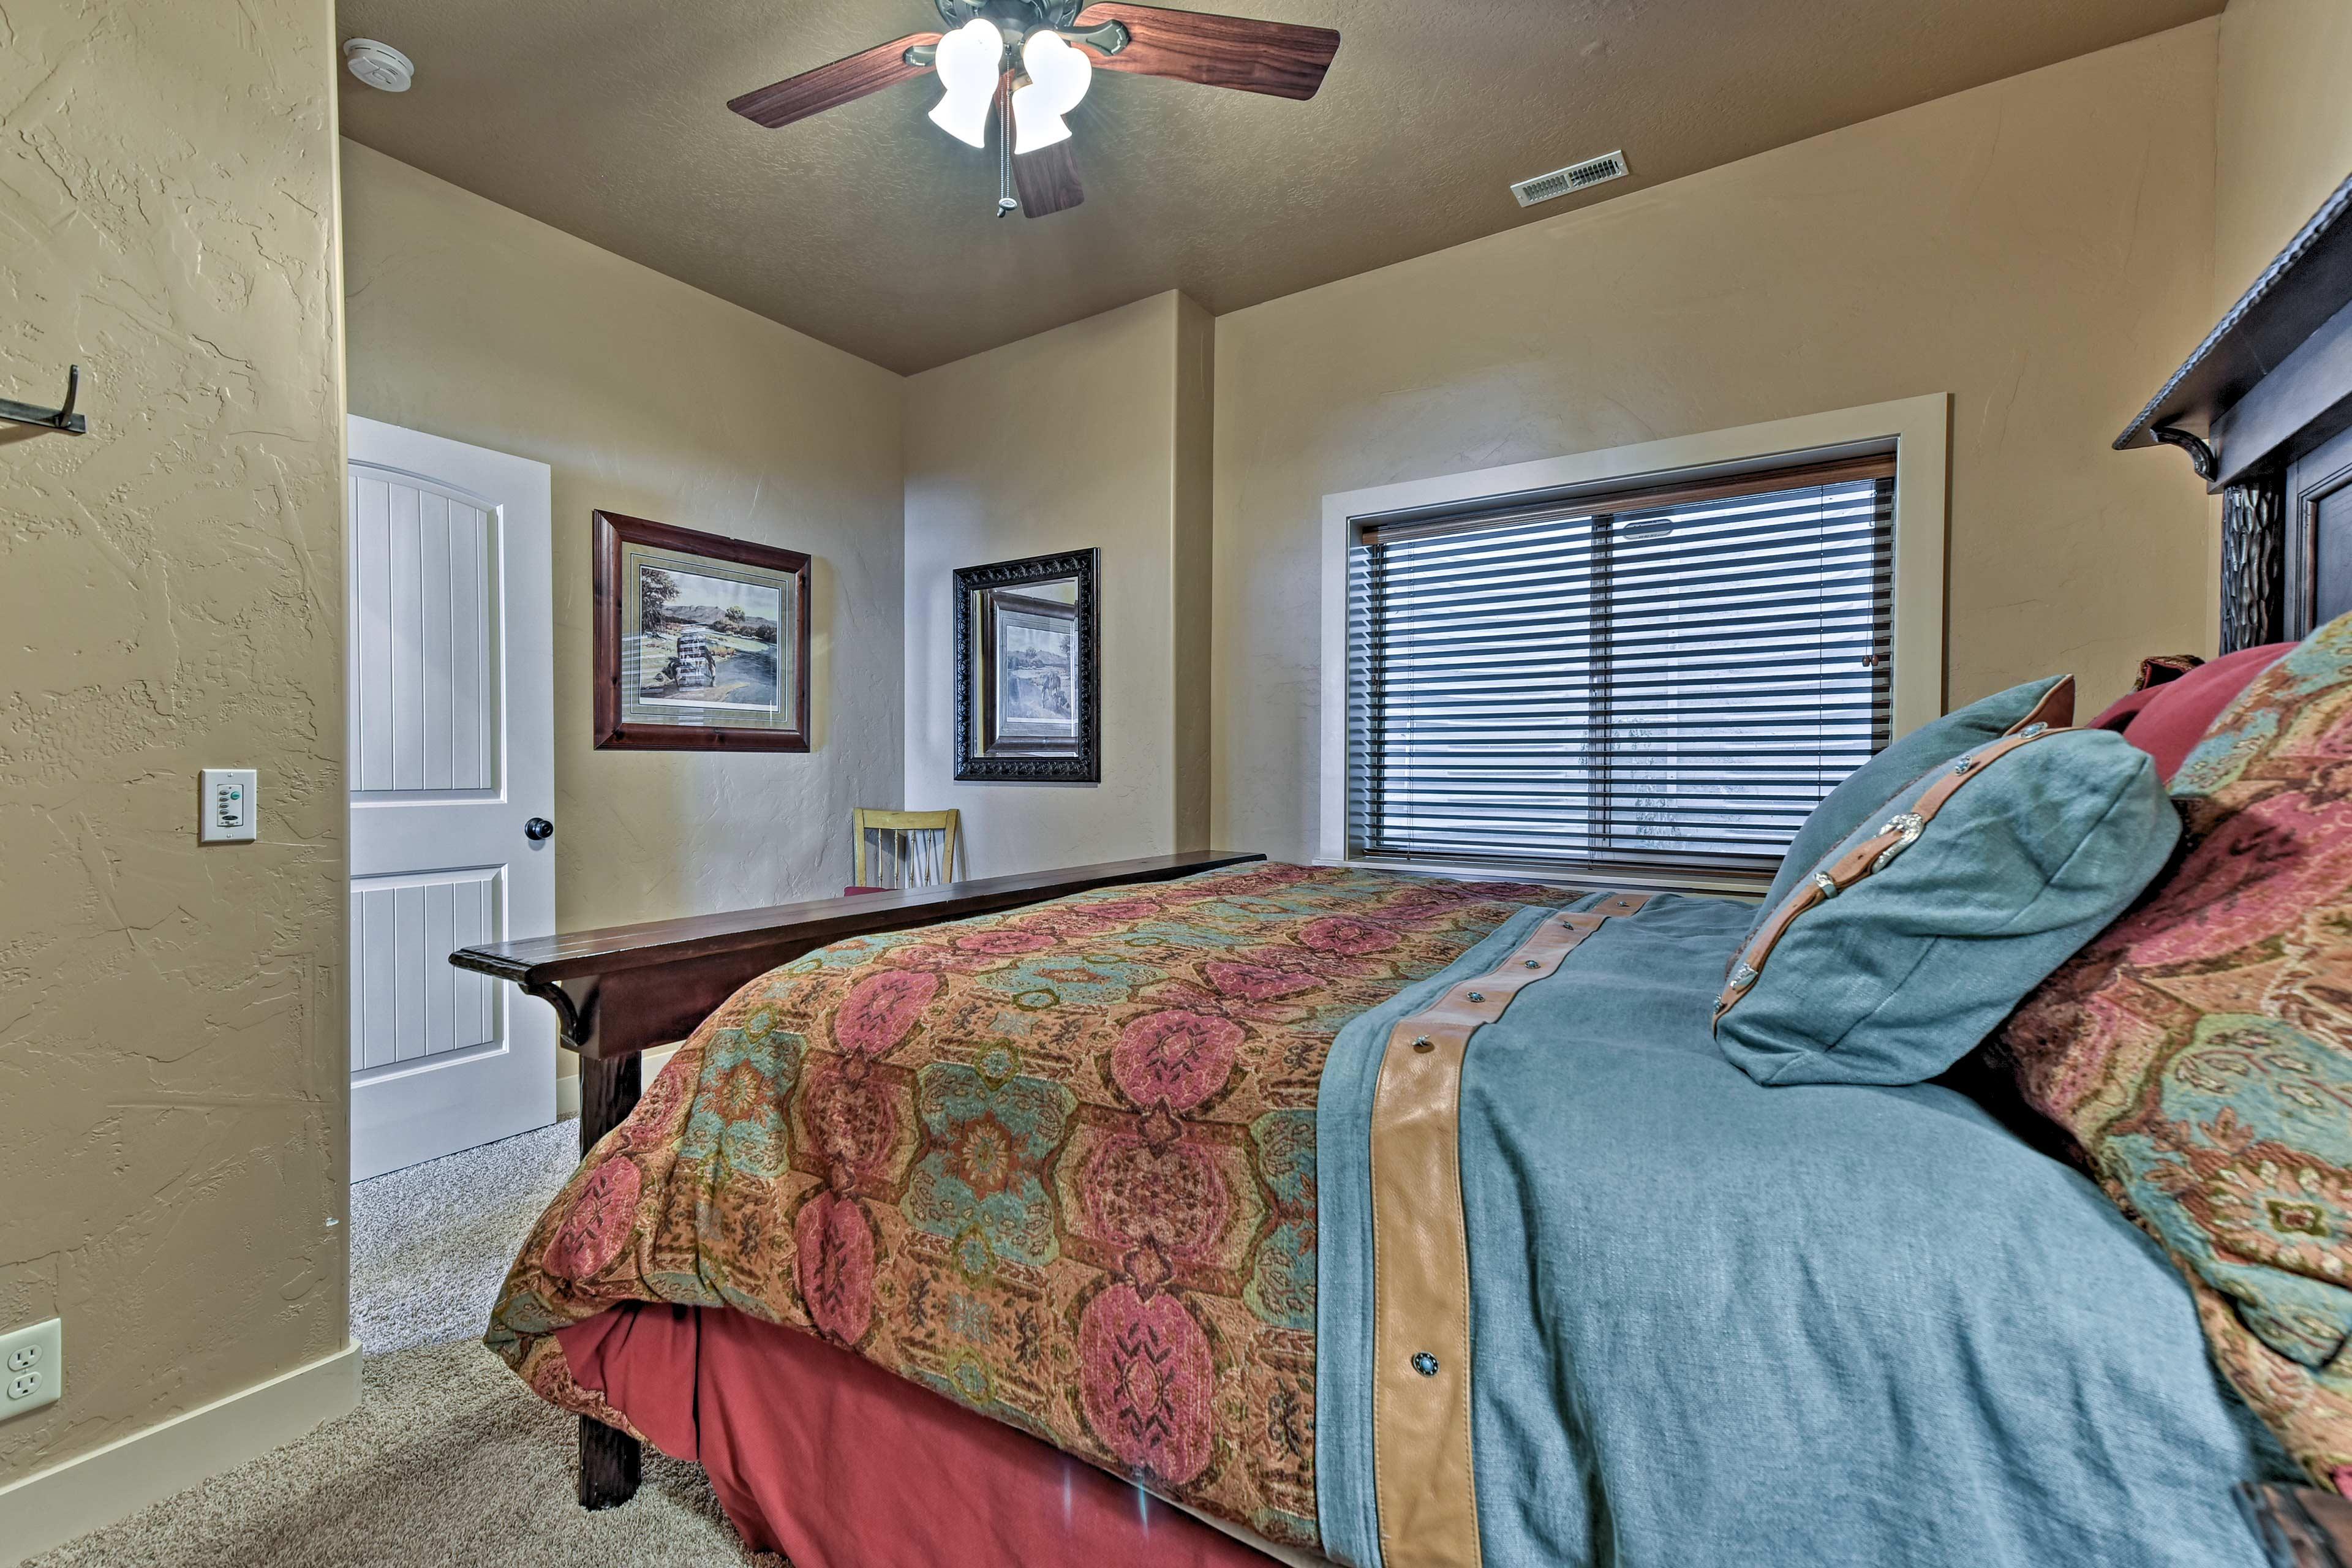 Bedroom 6 hosts a cozy queen bed.